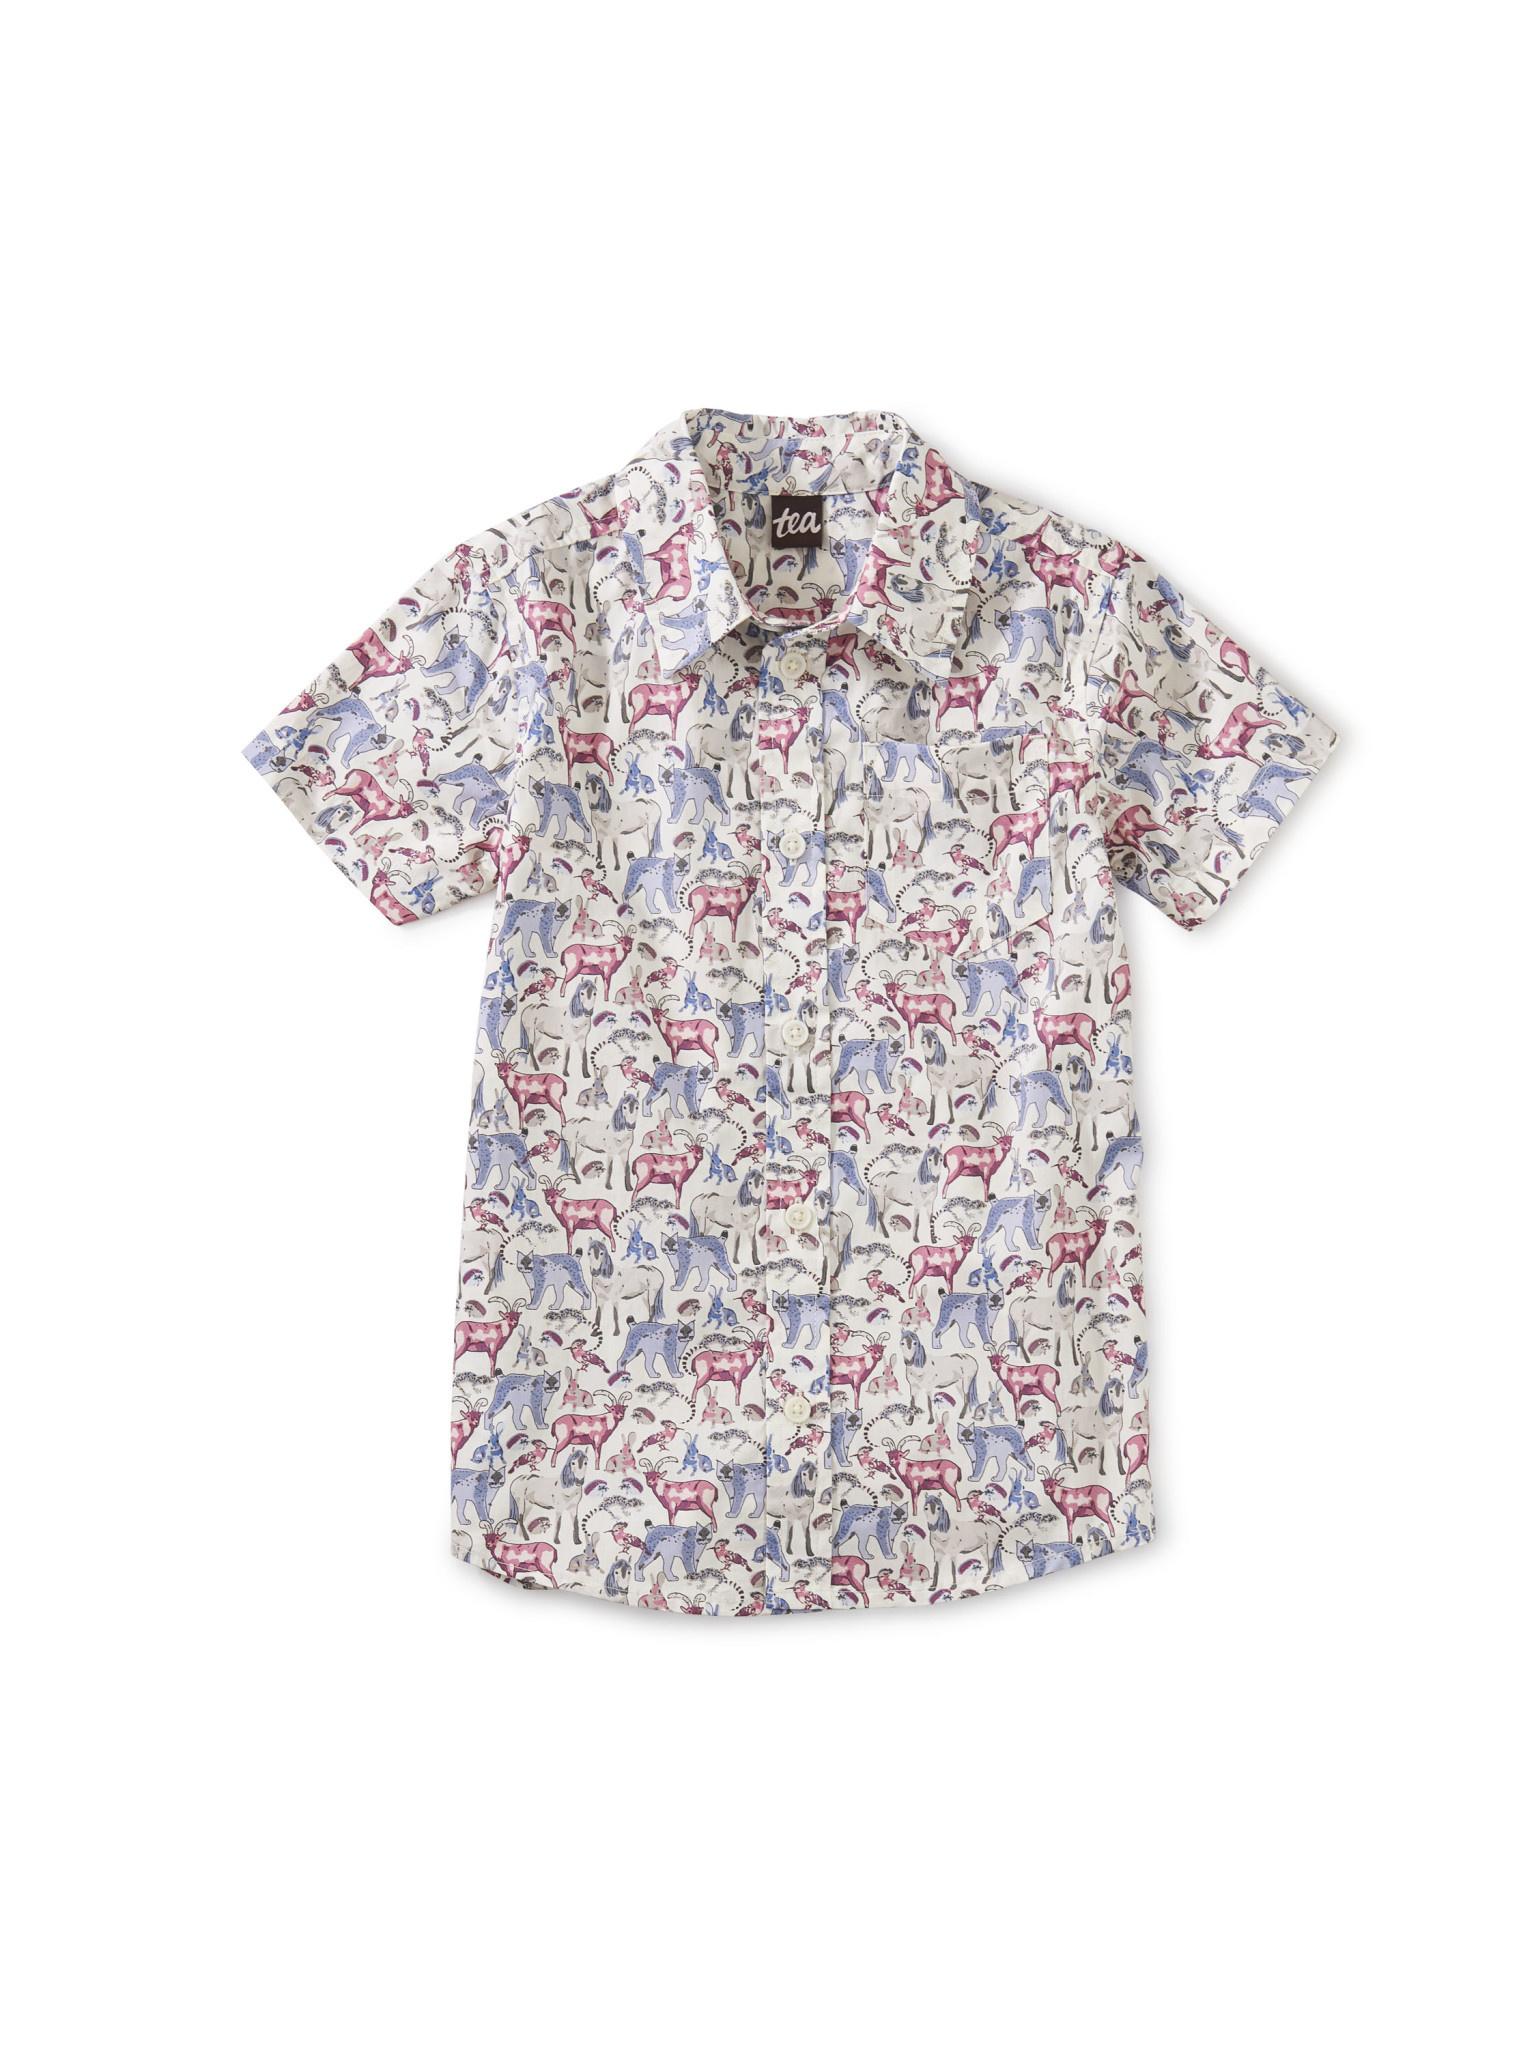 Tea Collection Button Up Woven Shirt- Wildlife